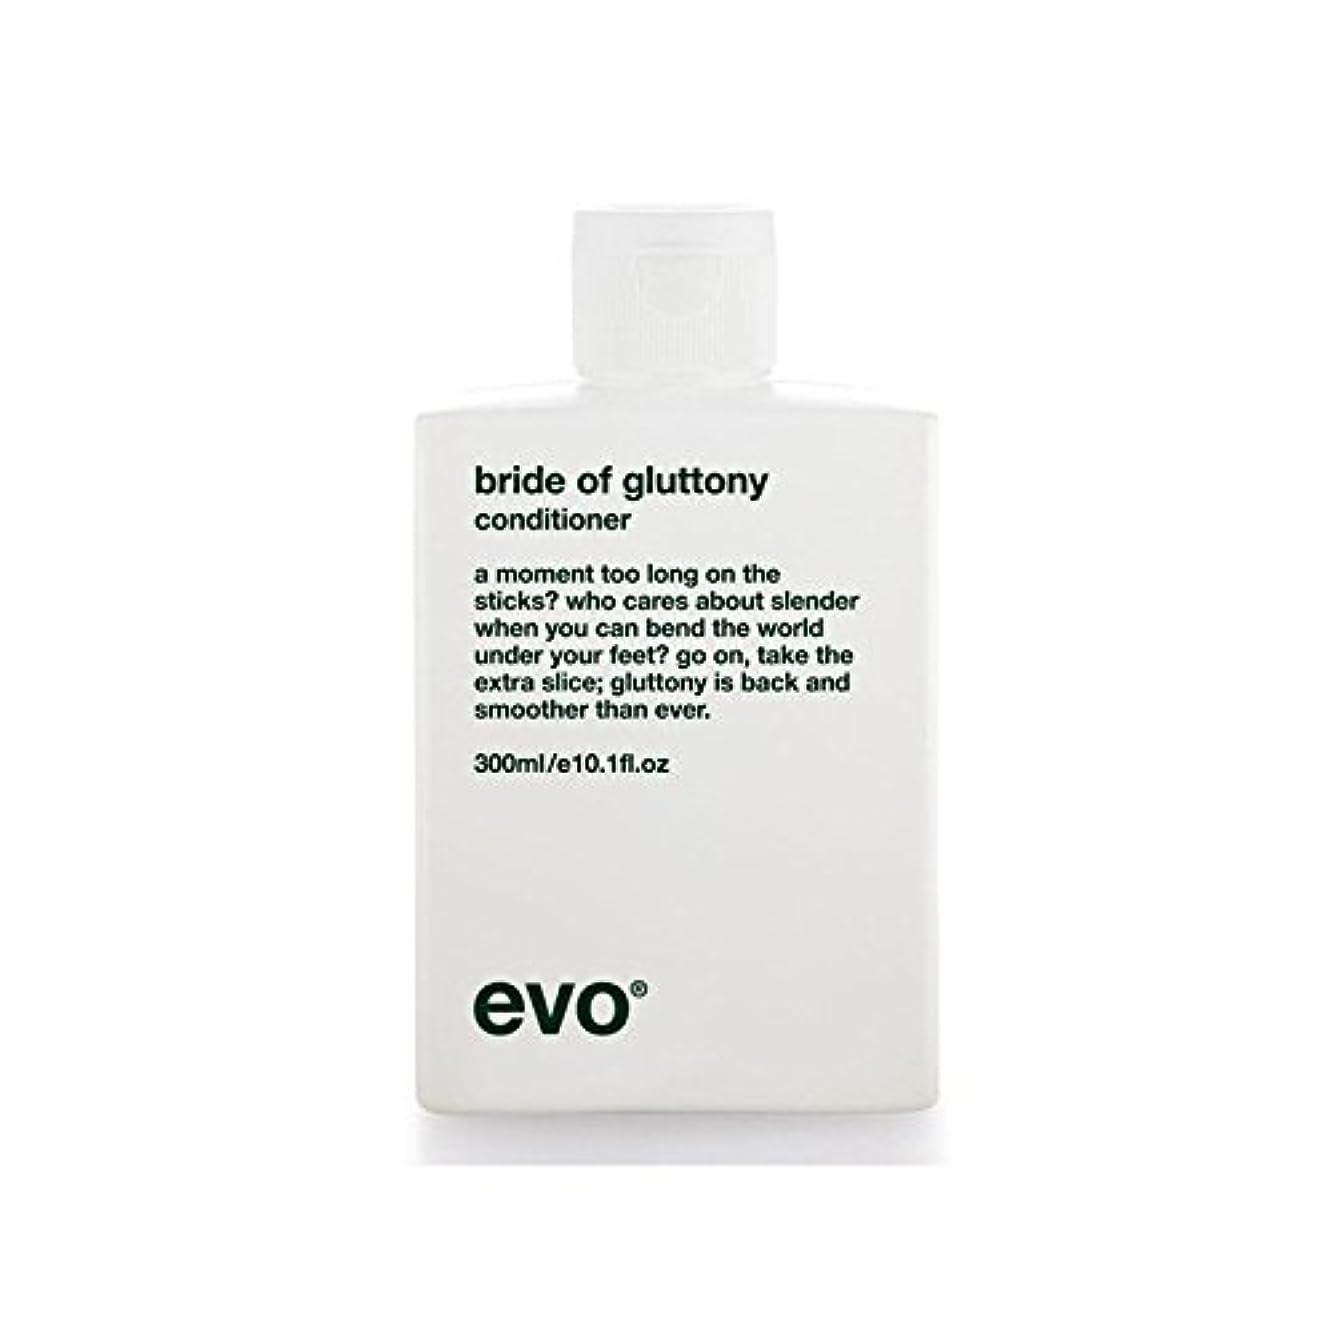 試用一シソーラス飽食のボリュームコンディショナーのエボ花嫁 x4 - Evo Bride Of Gluttony Volume Conditioner (Pack of 4) [並行輸入品]